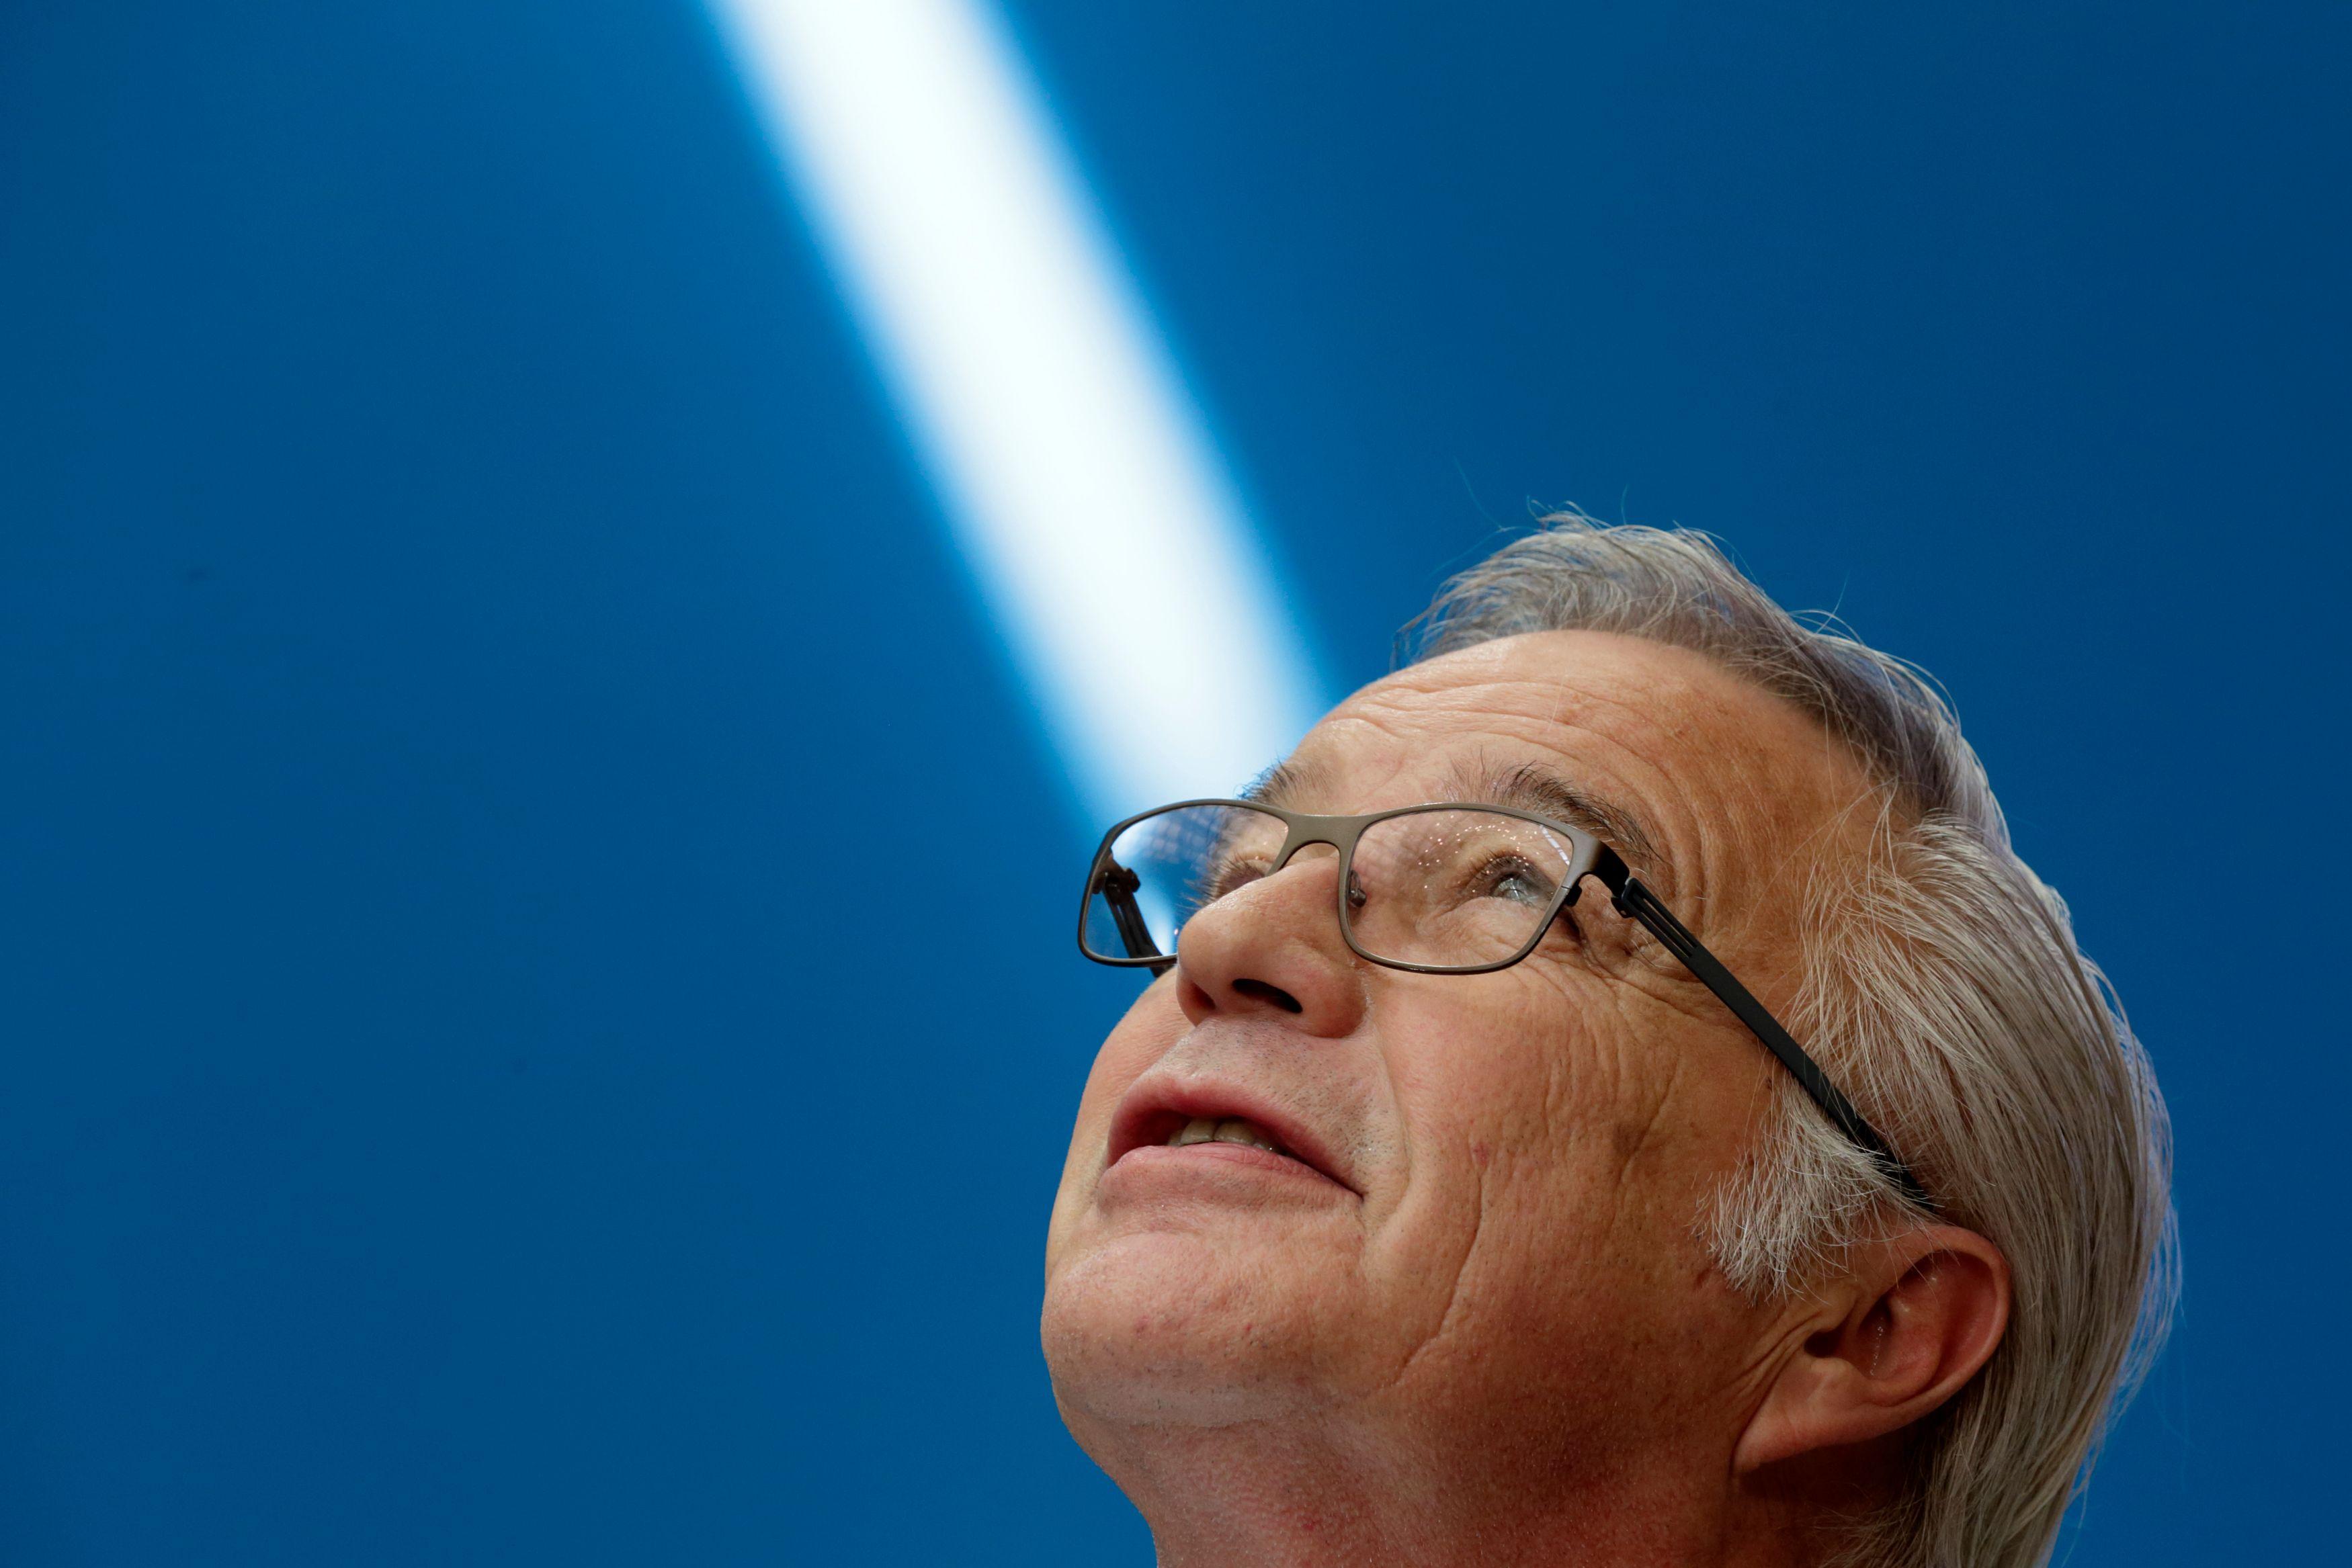 Le ministre du Travail François Rebsamen.